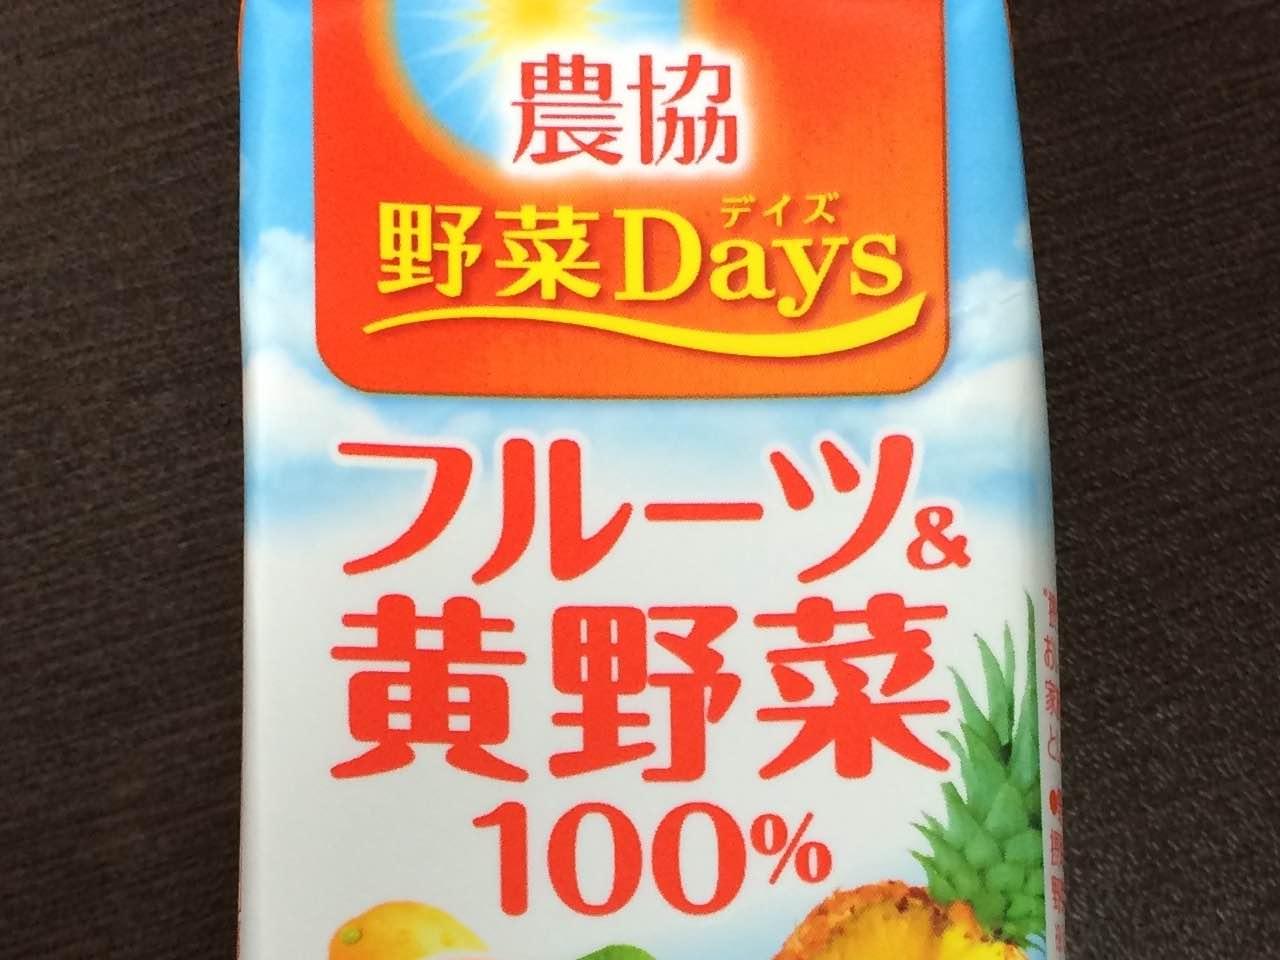 農協 野菜Days フルーツ&黄野菜100%